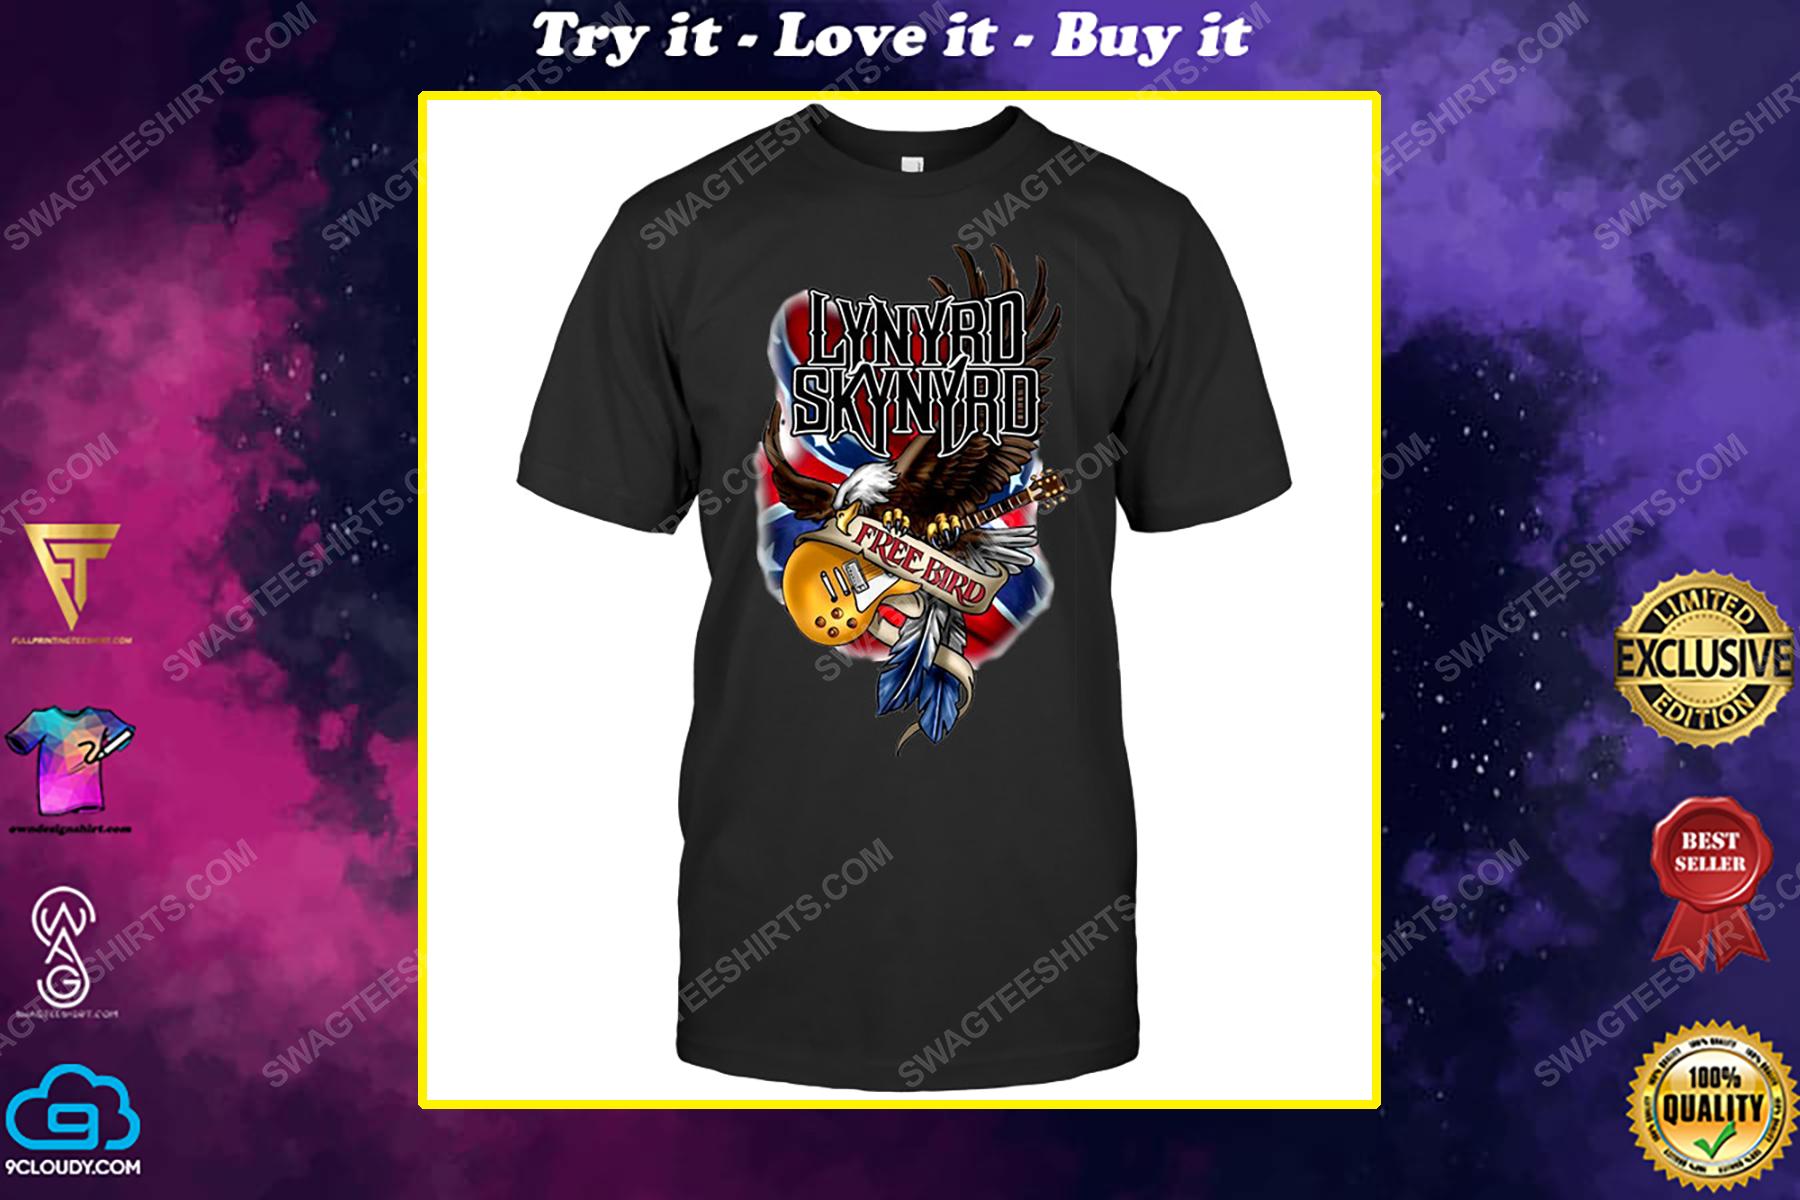 Rock band lynyrd skynyrd free bird shirt